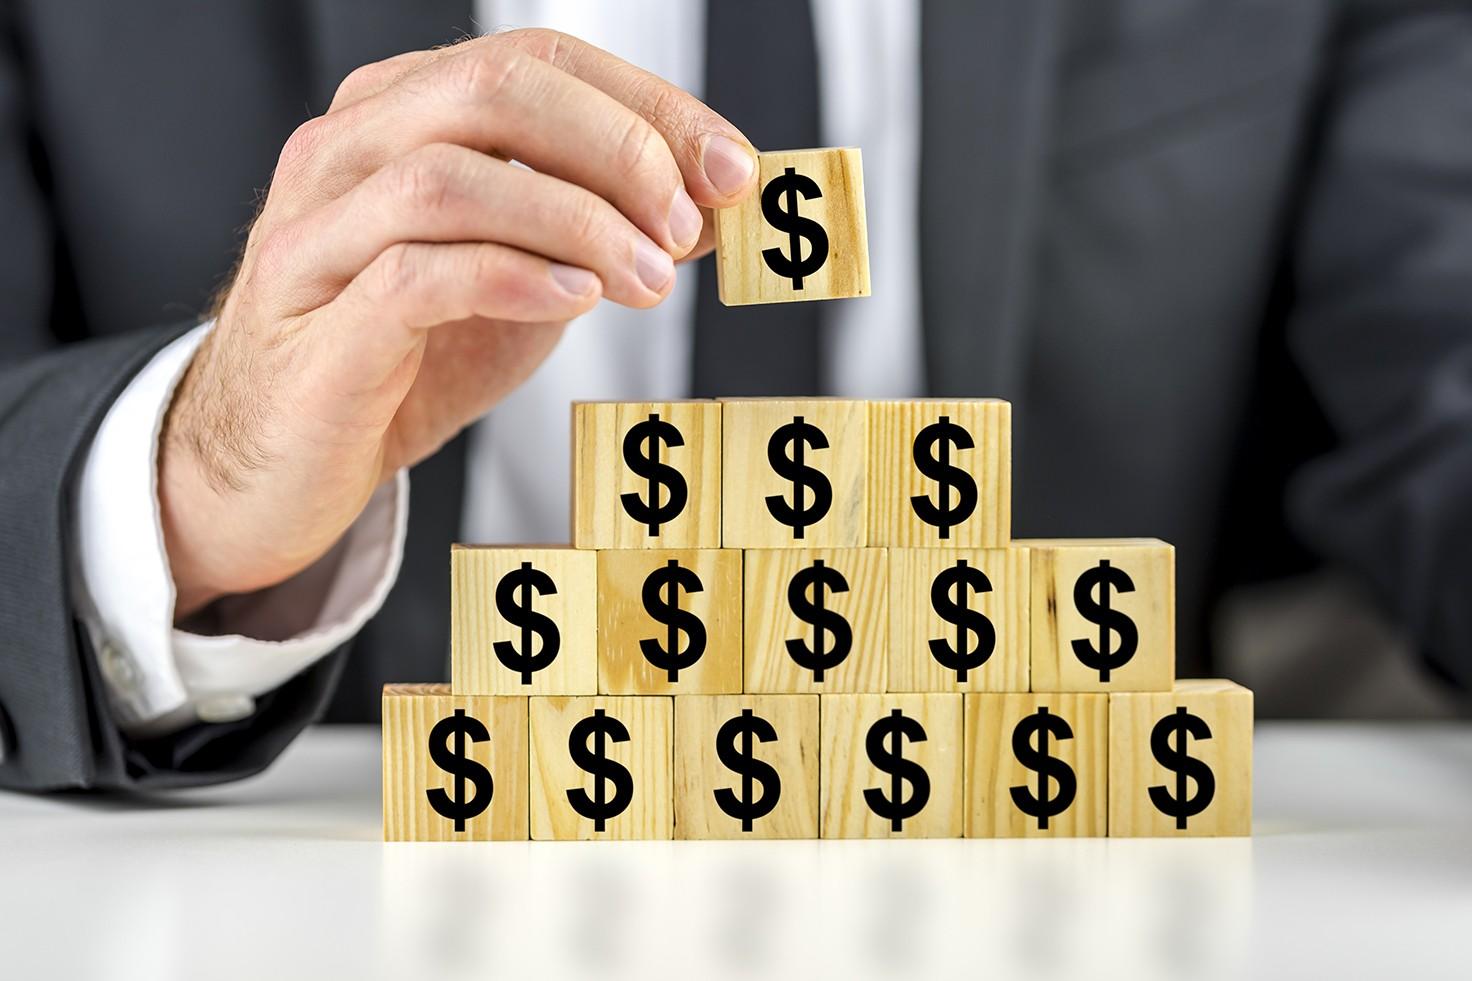 финансовая юридическая консультация